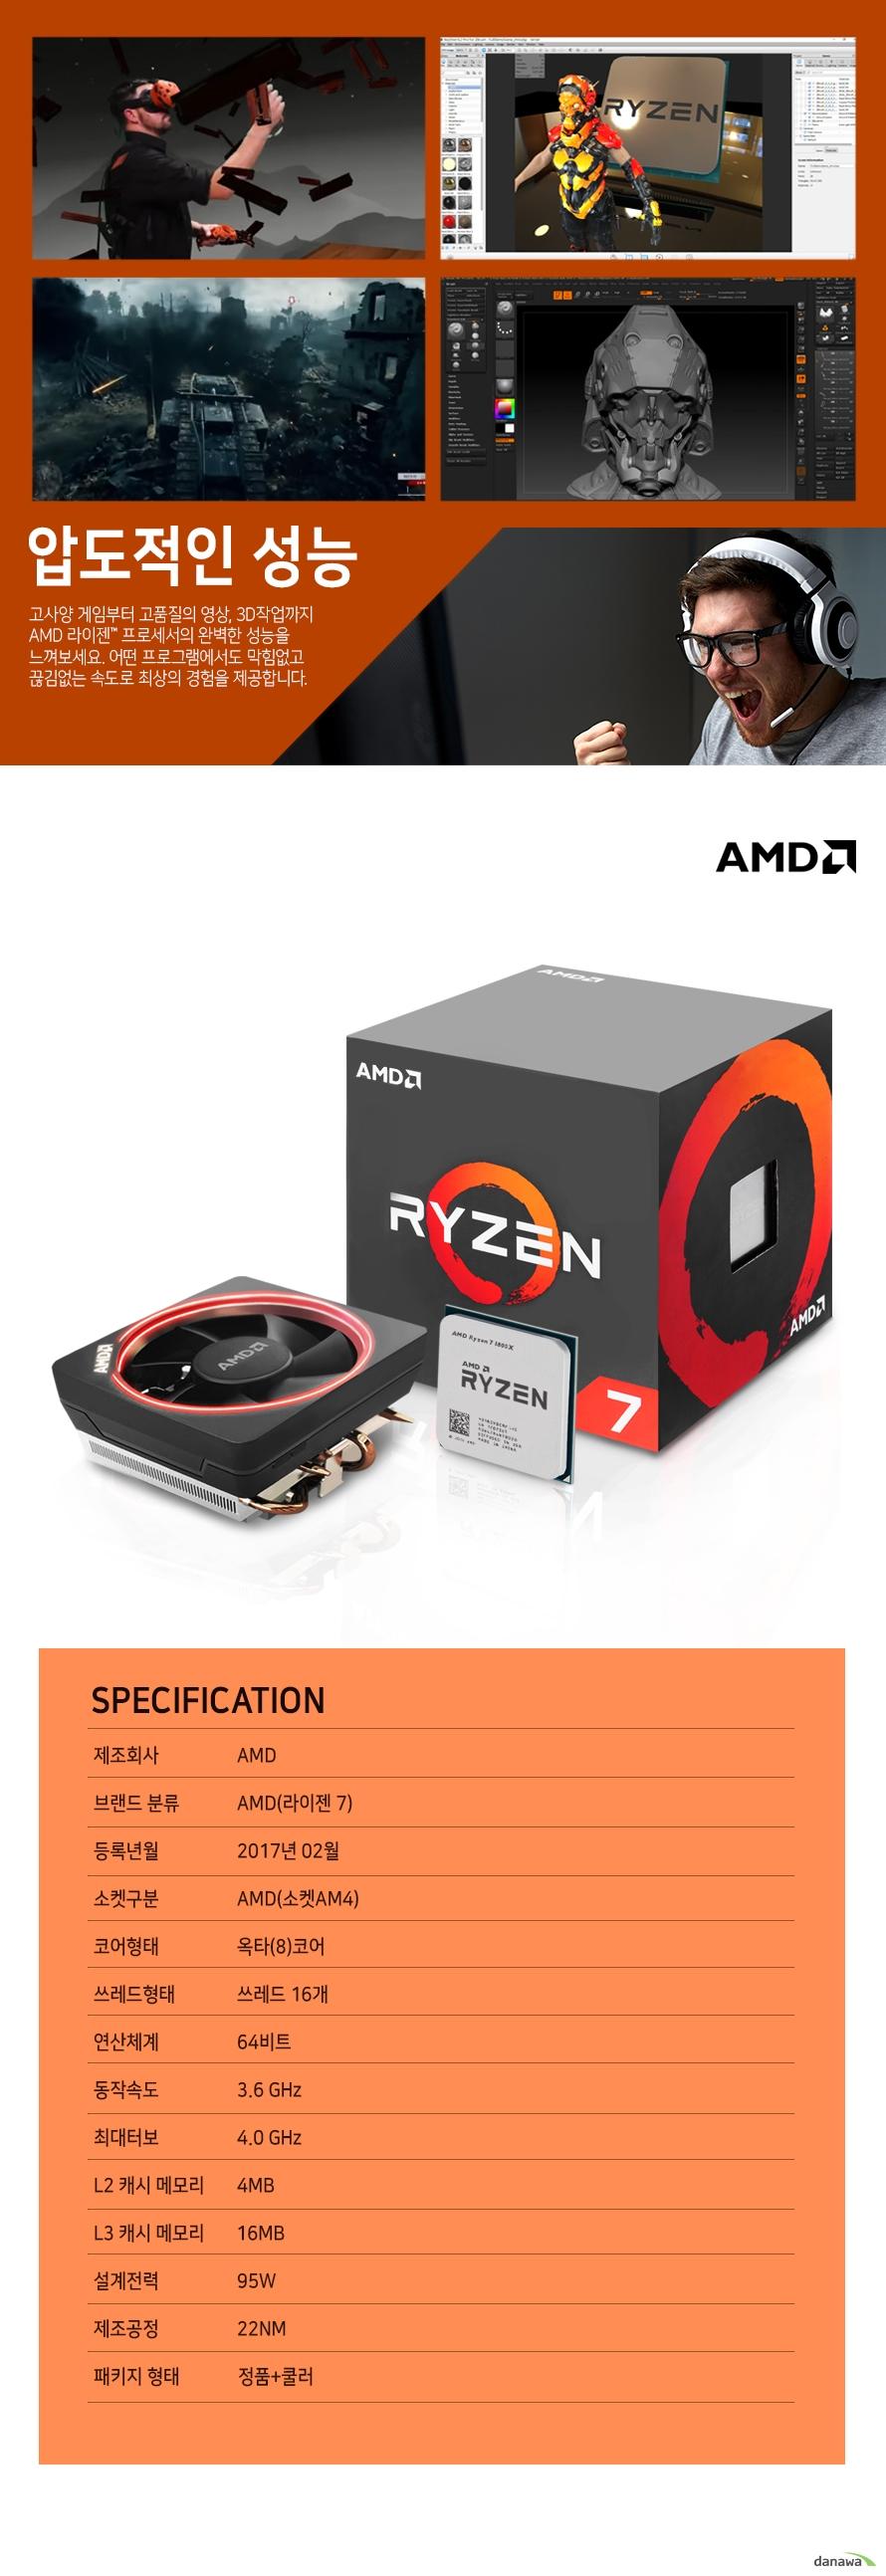 압도적인 성능                    고사양 게임부터 고품질의 영상 , 3D 작업까지 AMD 라이젠 프로세서의          완벽한 성능을 느껴보세요. 어떤 프로그램에서도 막힘없고 끊김없는          속도로 최상의 경험을 제공합니다.                    SPECIFICATION          제조 회사 AMD          브랜드 분류 AMD(라이젠 7)          등록년월 2017년 2월          소켓구분 AMD(소켓 AM4)          코어형태 옥타(8)코어          쓰레드 형태 쓰레드 16개          연산체계 64비트          동작속도 3.6GHZ          최대 터보 4.0GHZ          L2 캐시 메모리 4MB          L3 캐시 메모리 16MB          설계전력 95W          제조공정 22NM          패키지 형태 정품+쿨러